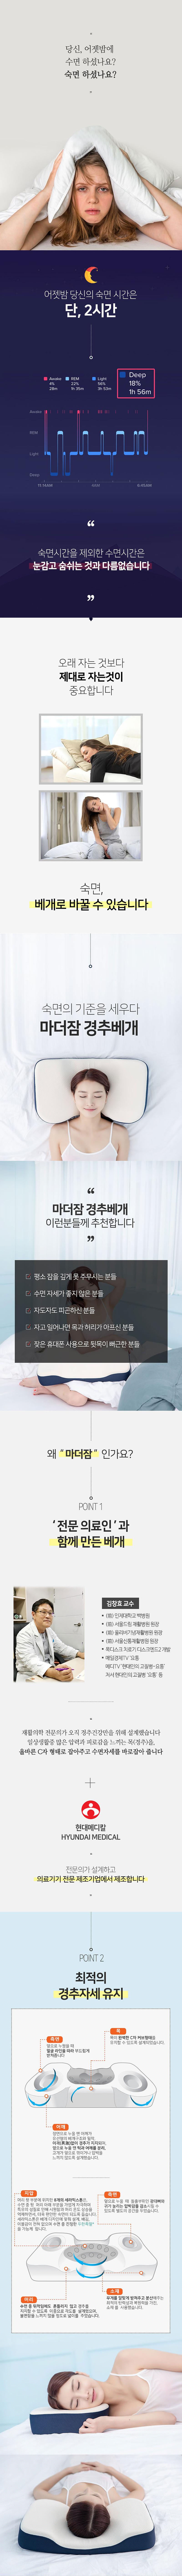 마더잠경추베개_02.jpg